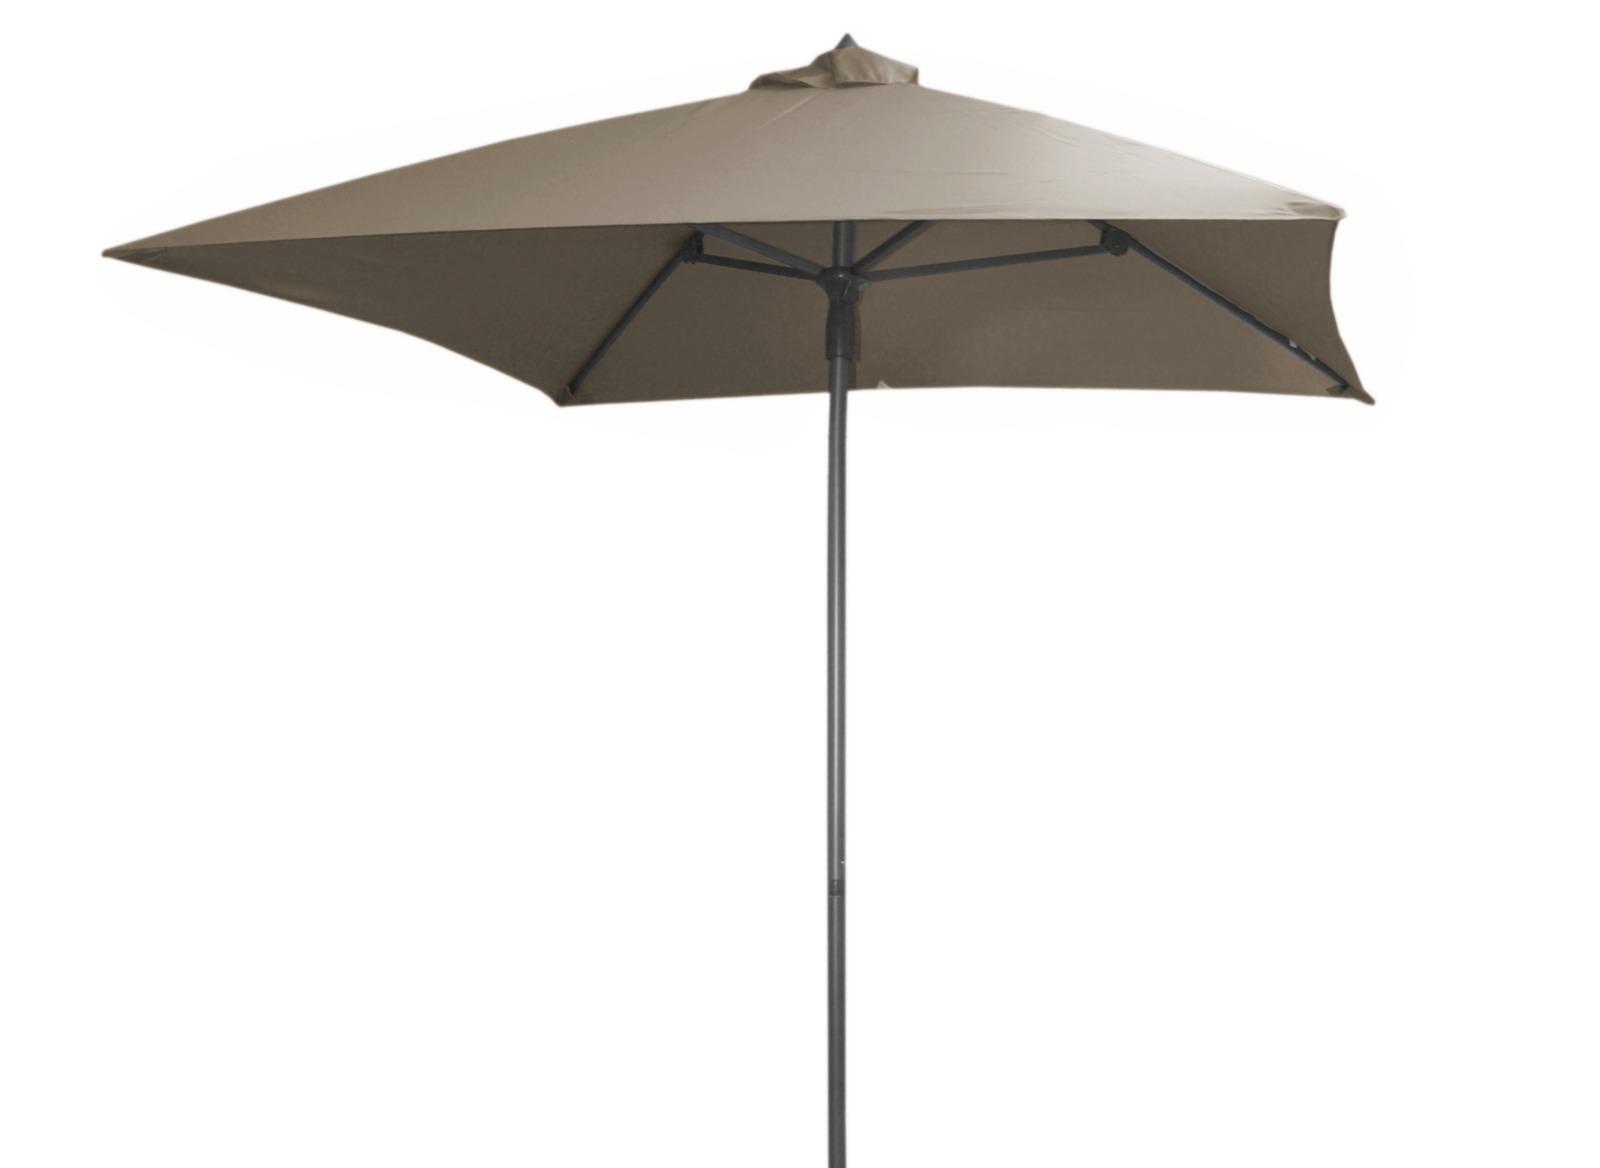 Parasol carré en aluminium 2x2m   Parasol   Meuble jardin   Proloisirs